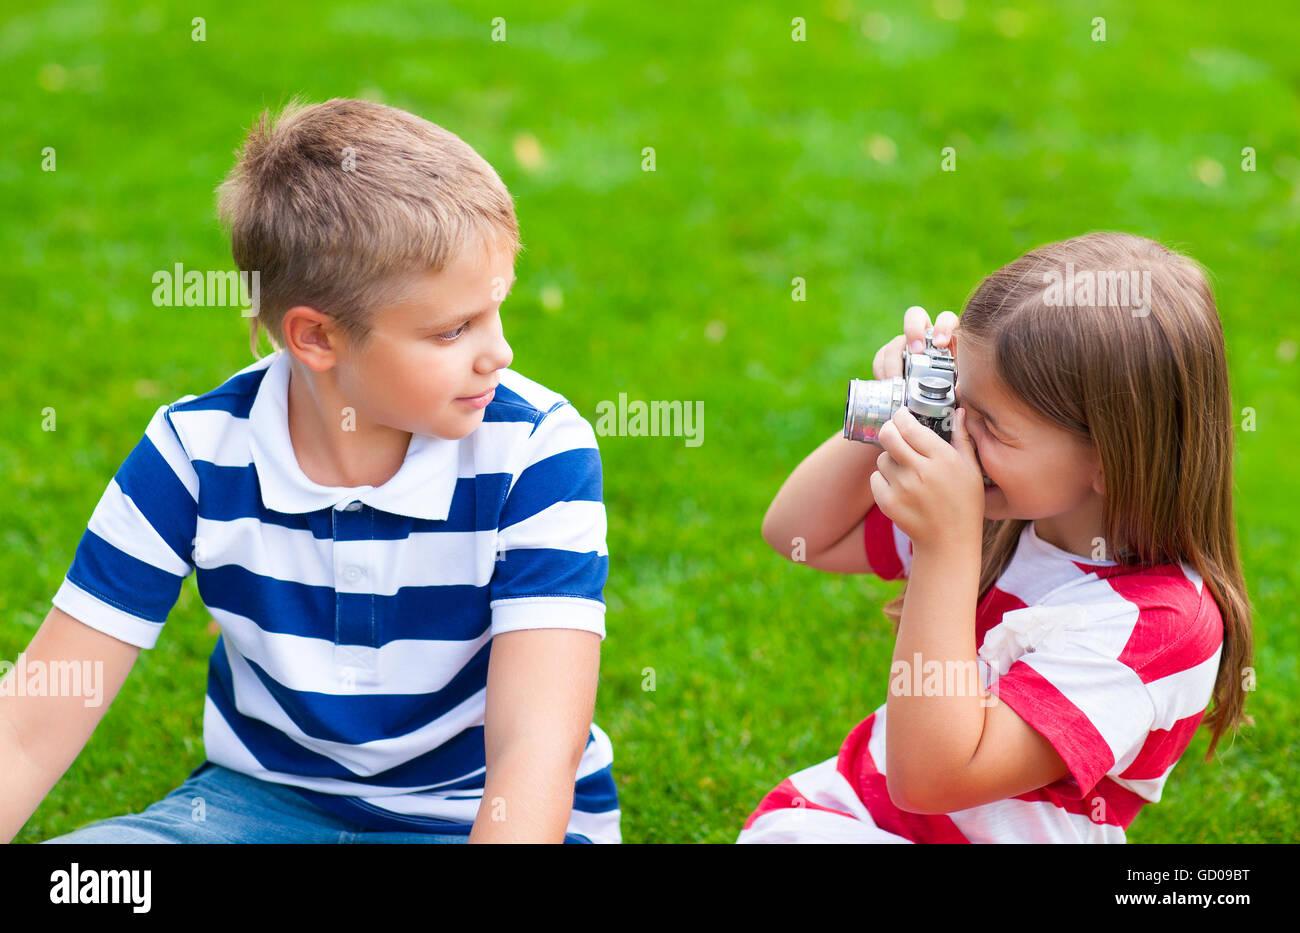 Сестра возбудила своего брата и его друга, Сестра возбудила брата и трахалась с ним - порнофаза 7 фотография